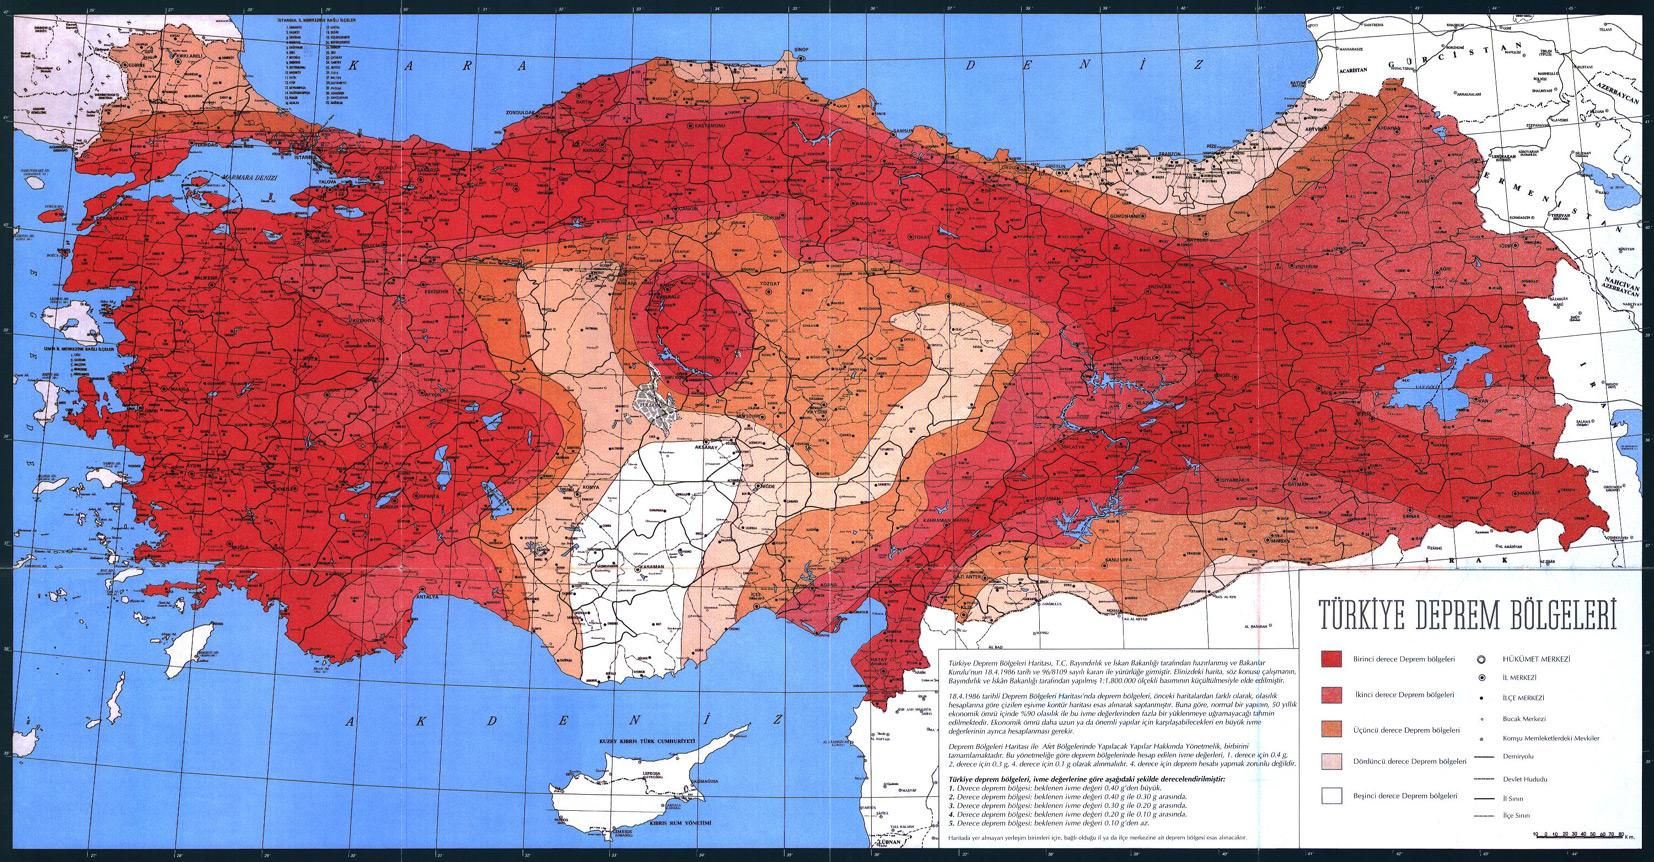 Deprem Bölgeleri